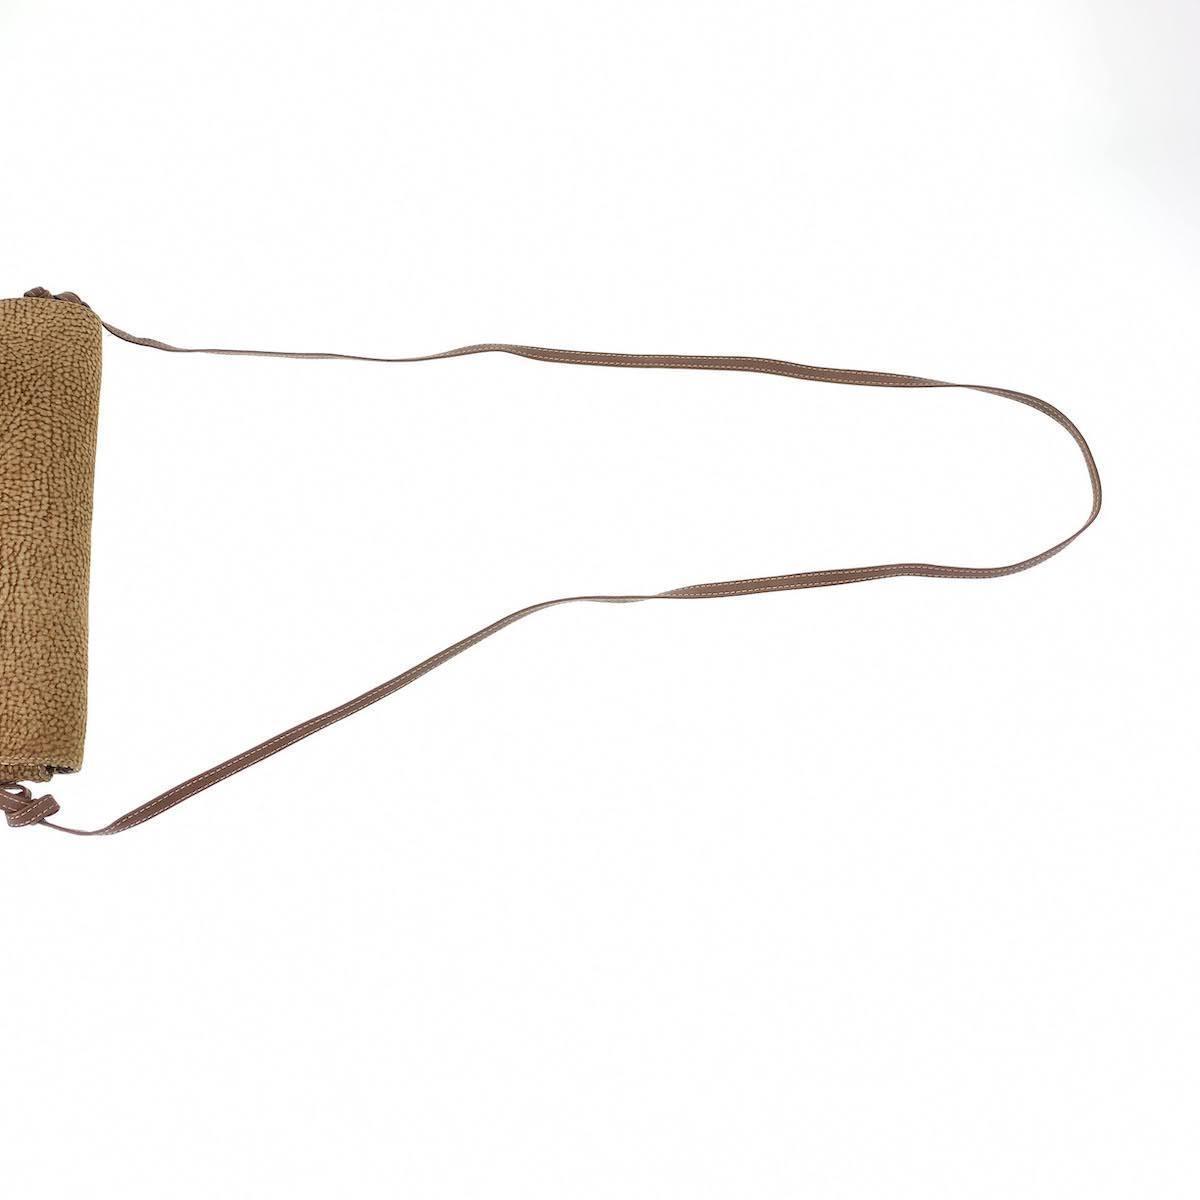 BORBONESE ボルボネーゼ うずら柄 ブラウン キャンバス/レザー 斜め掛け ショルダーバッグ レディース 103046_画像6